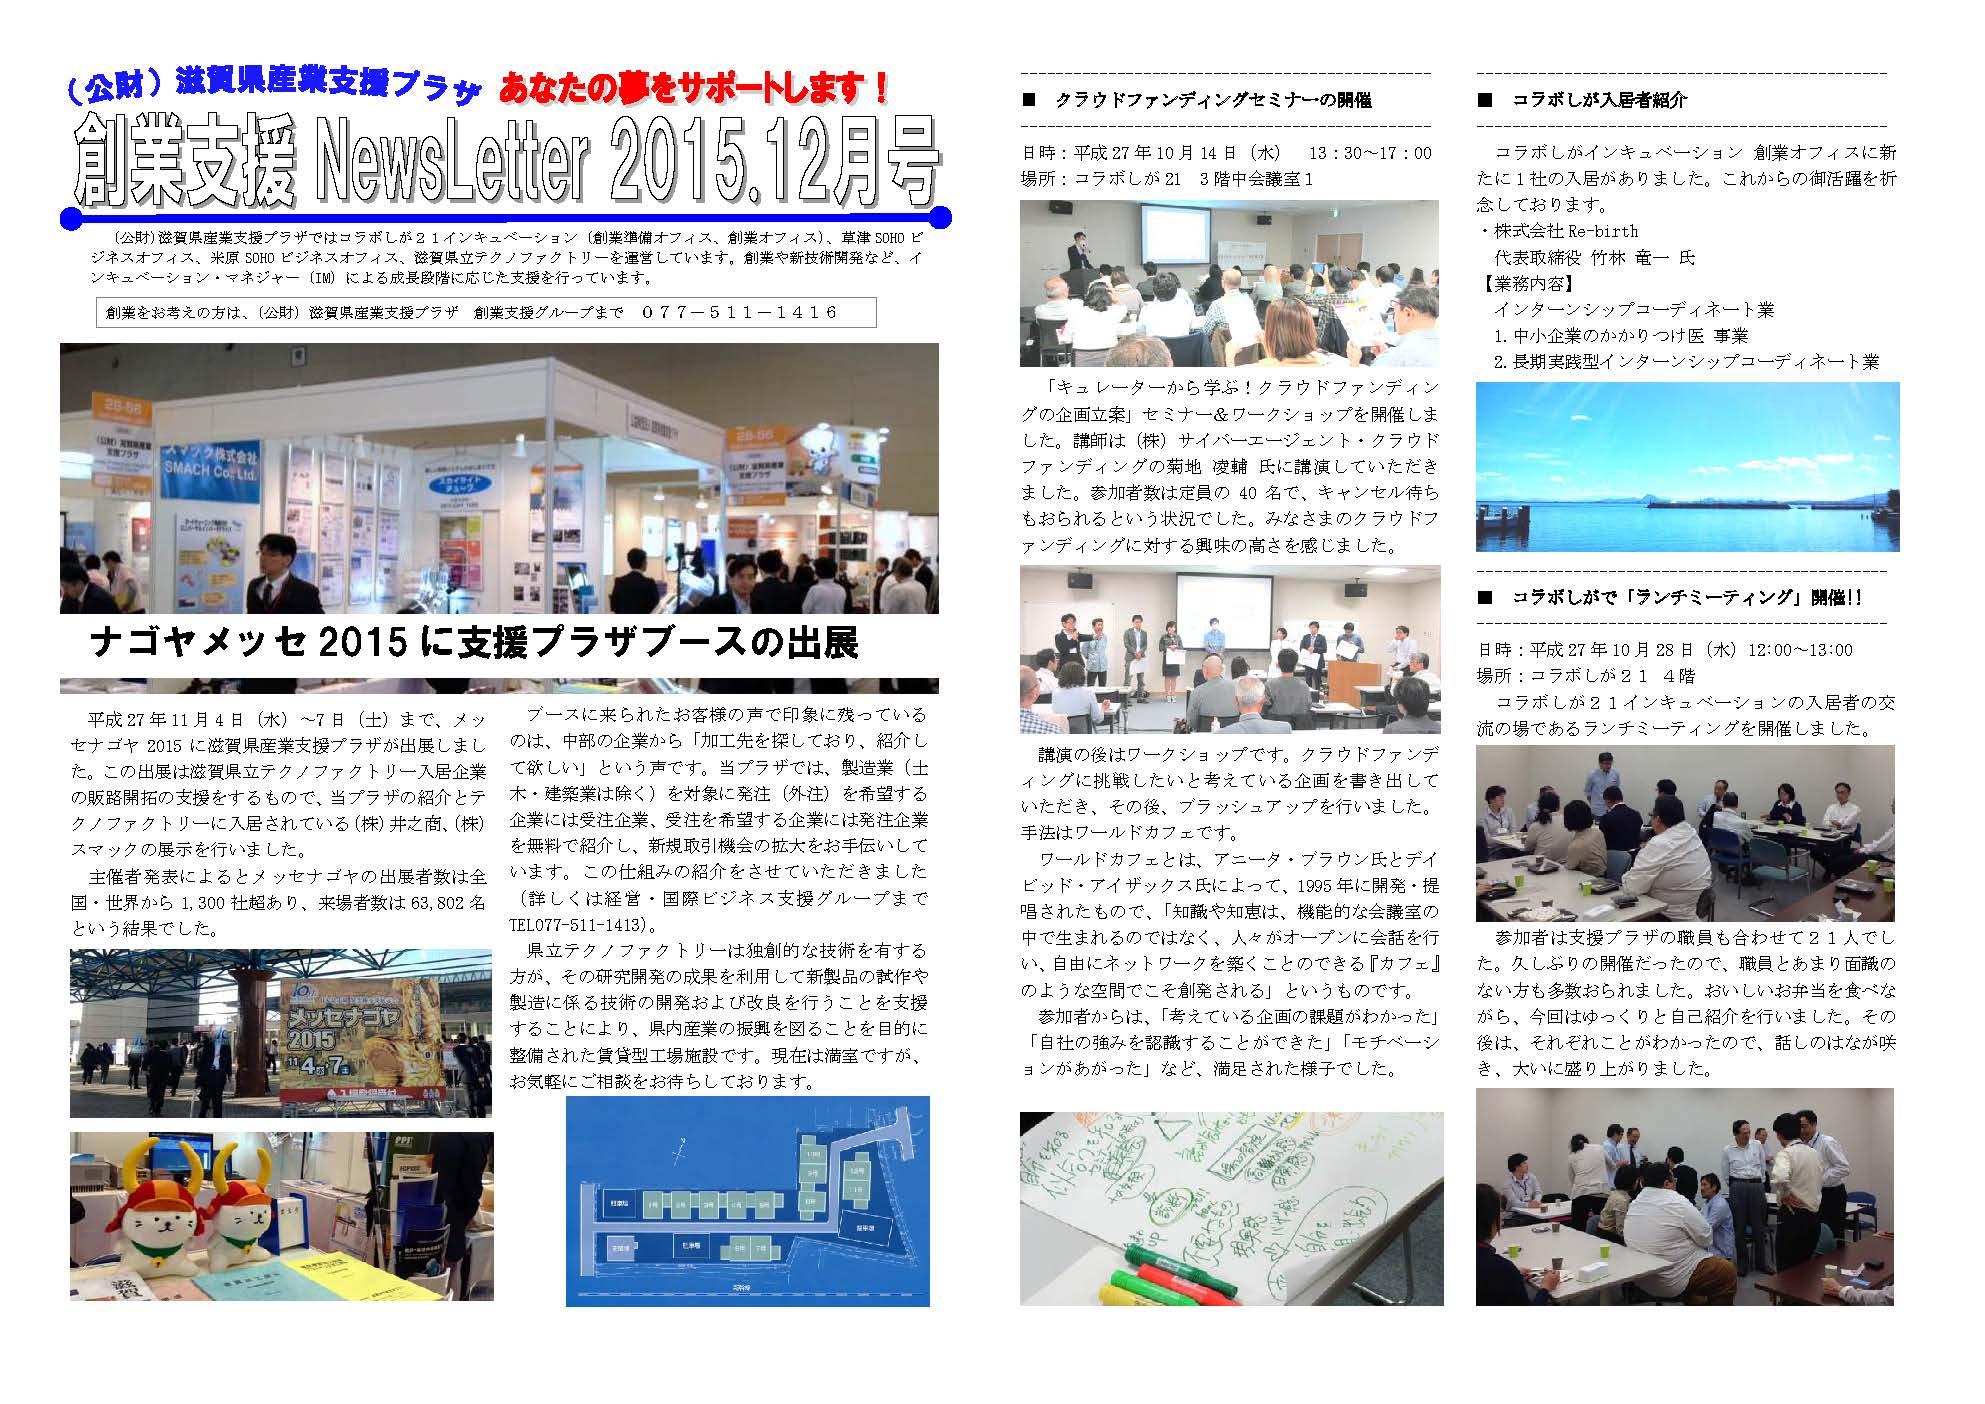 創業支援NewsLetter 2015.12月号内容